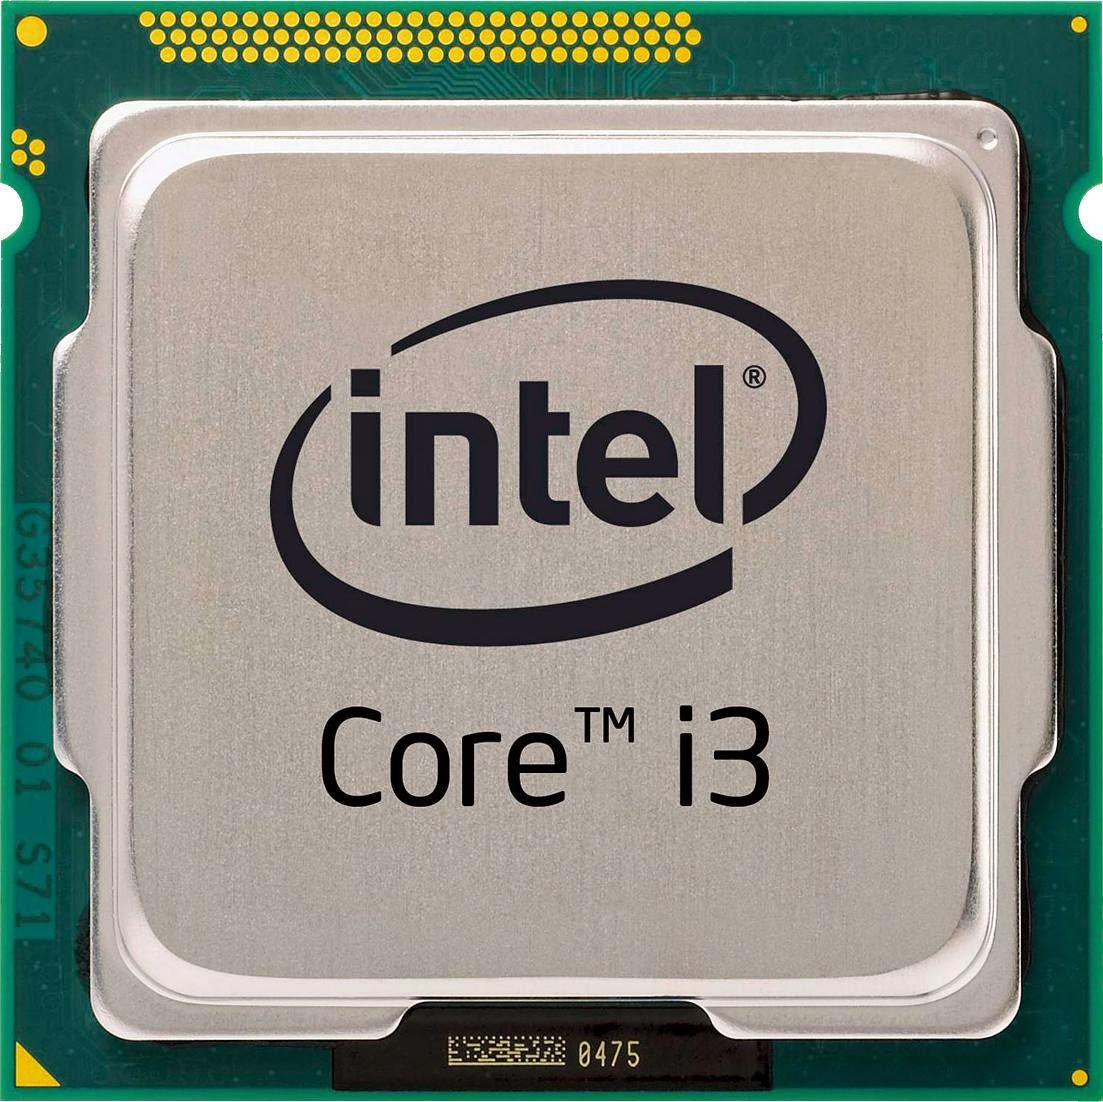 Oui Levio: Intel Core i3 Processor Families